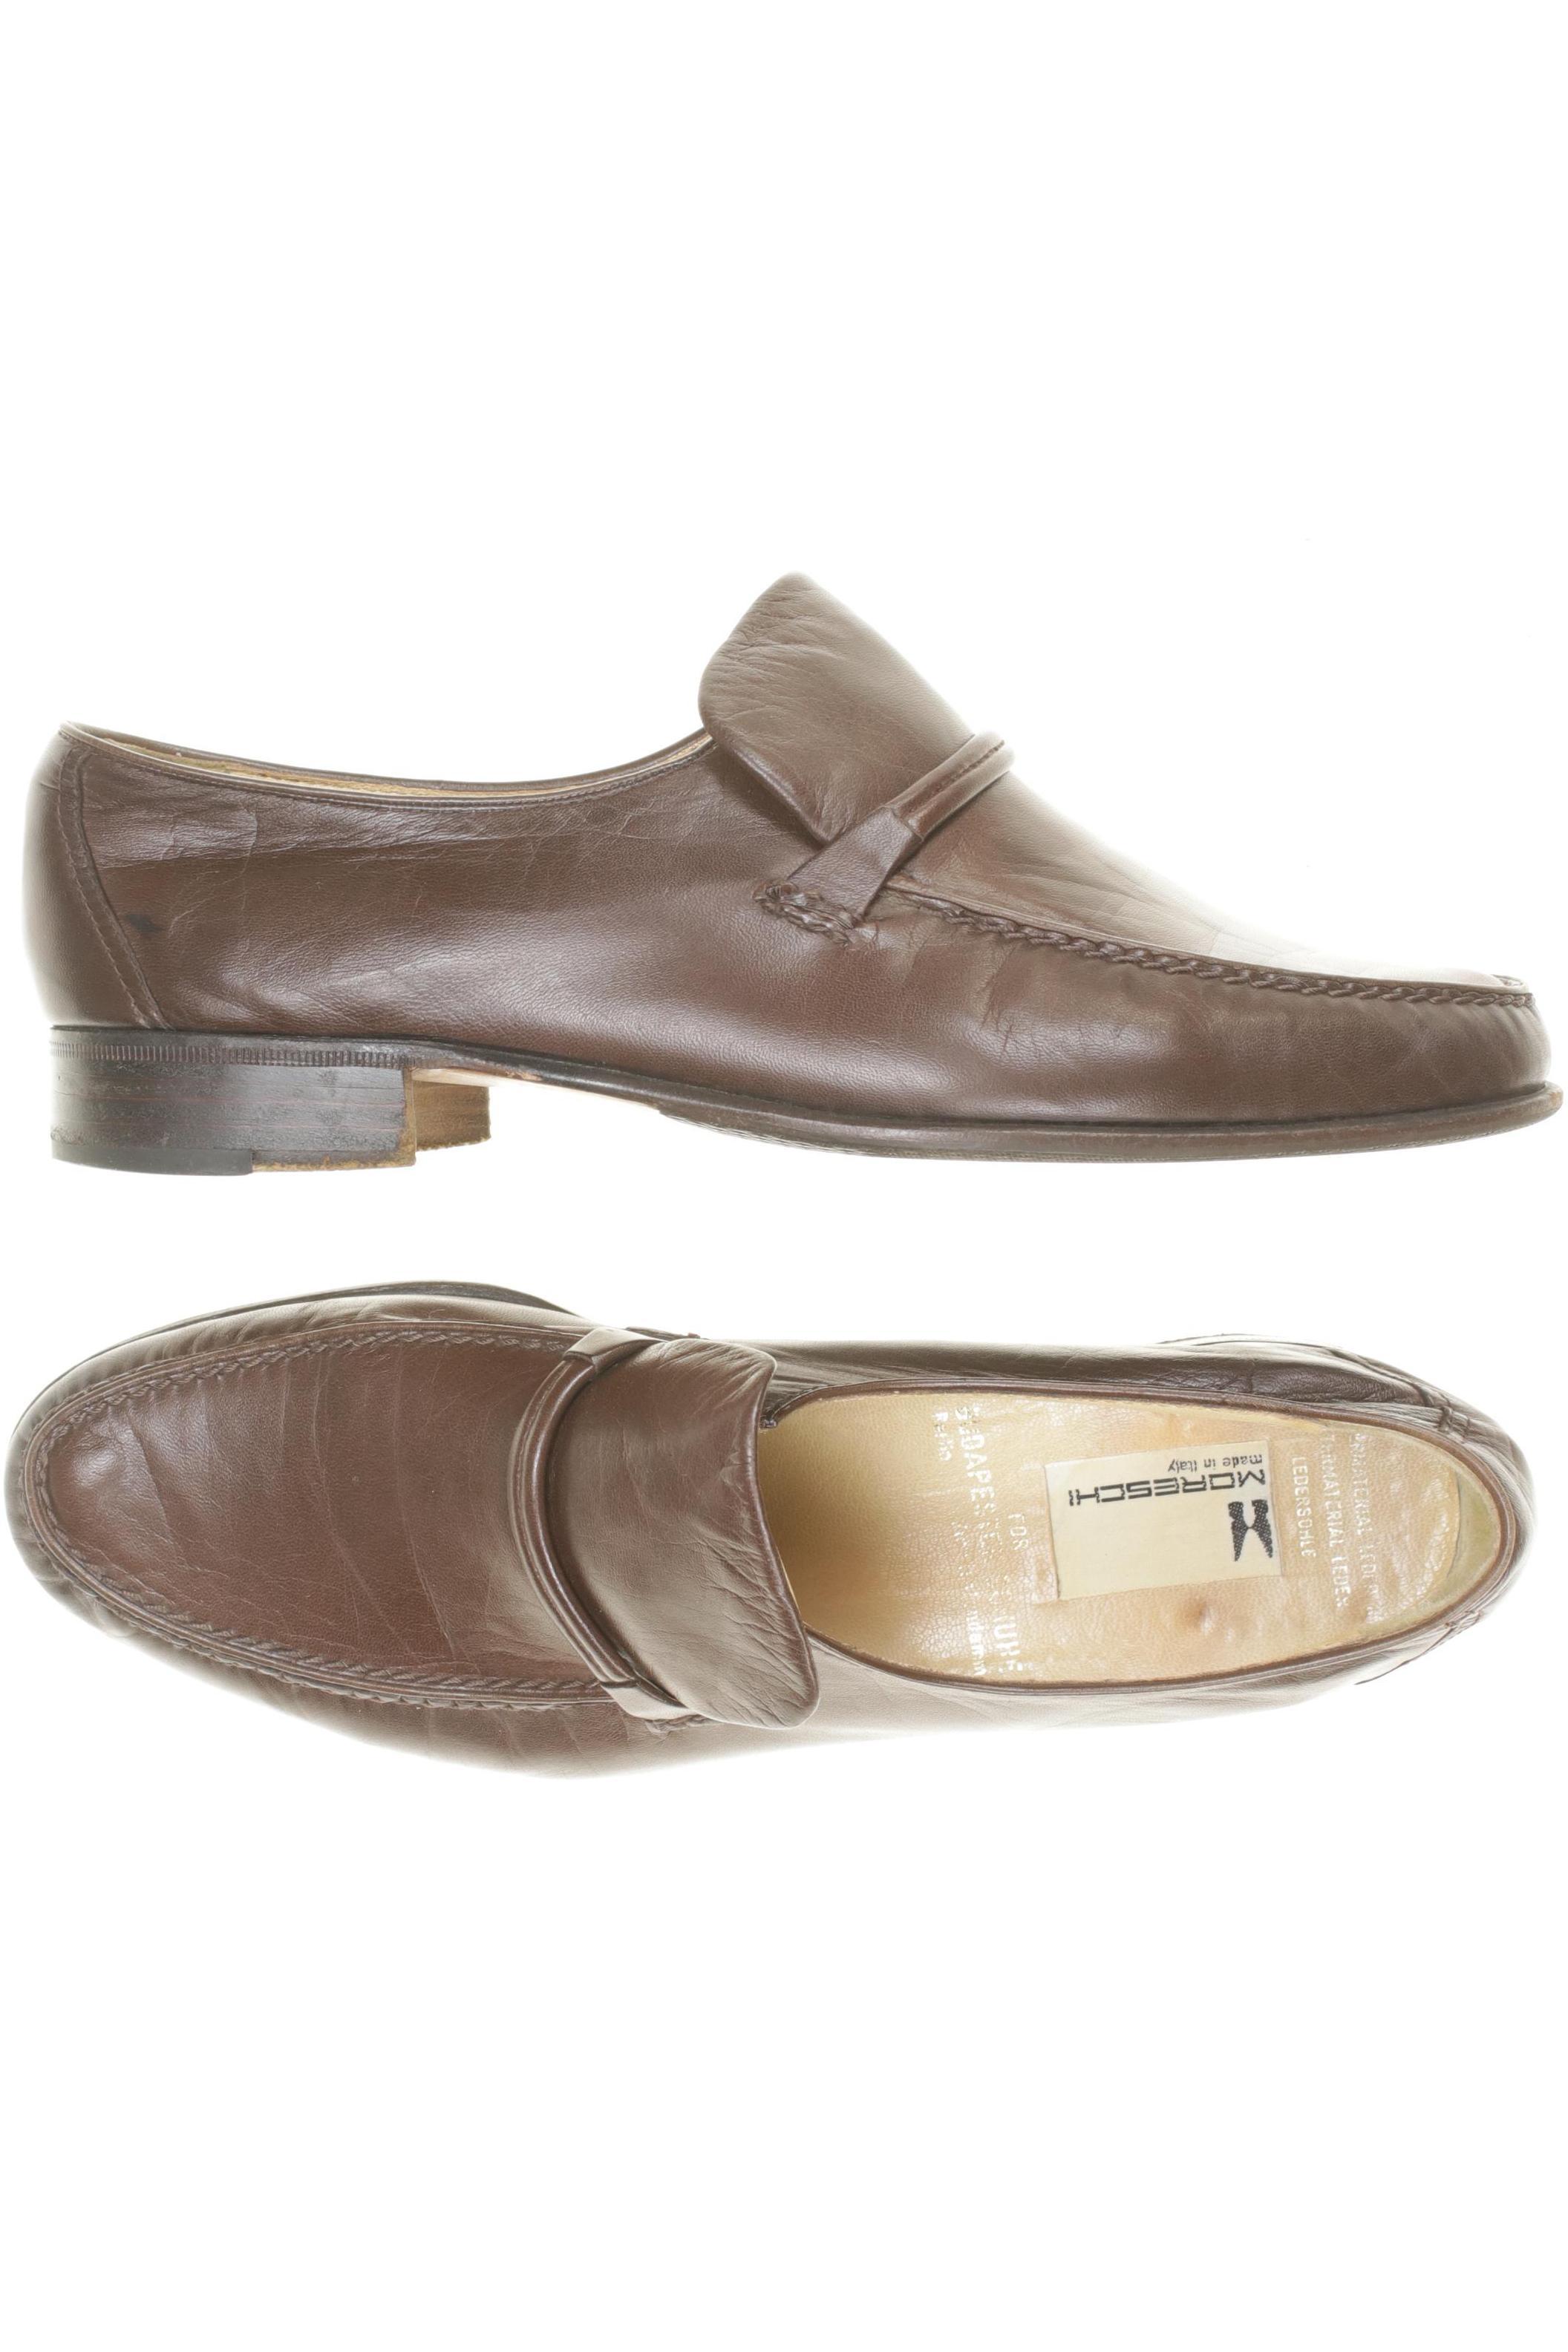 Details zu MORESCHI Halbschuh Herren Slipper feste Schuhe Gr. UK 7.5 (DE 41) Le #856a211